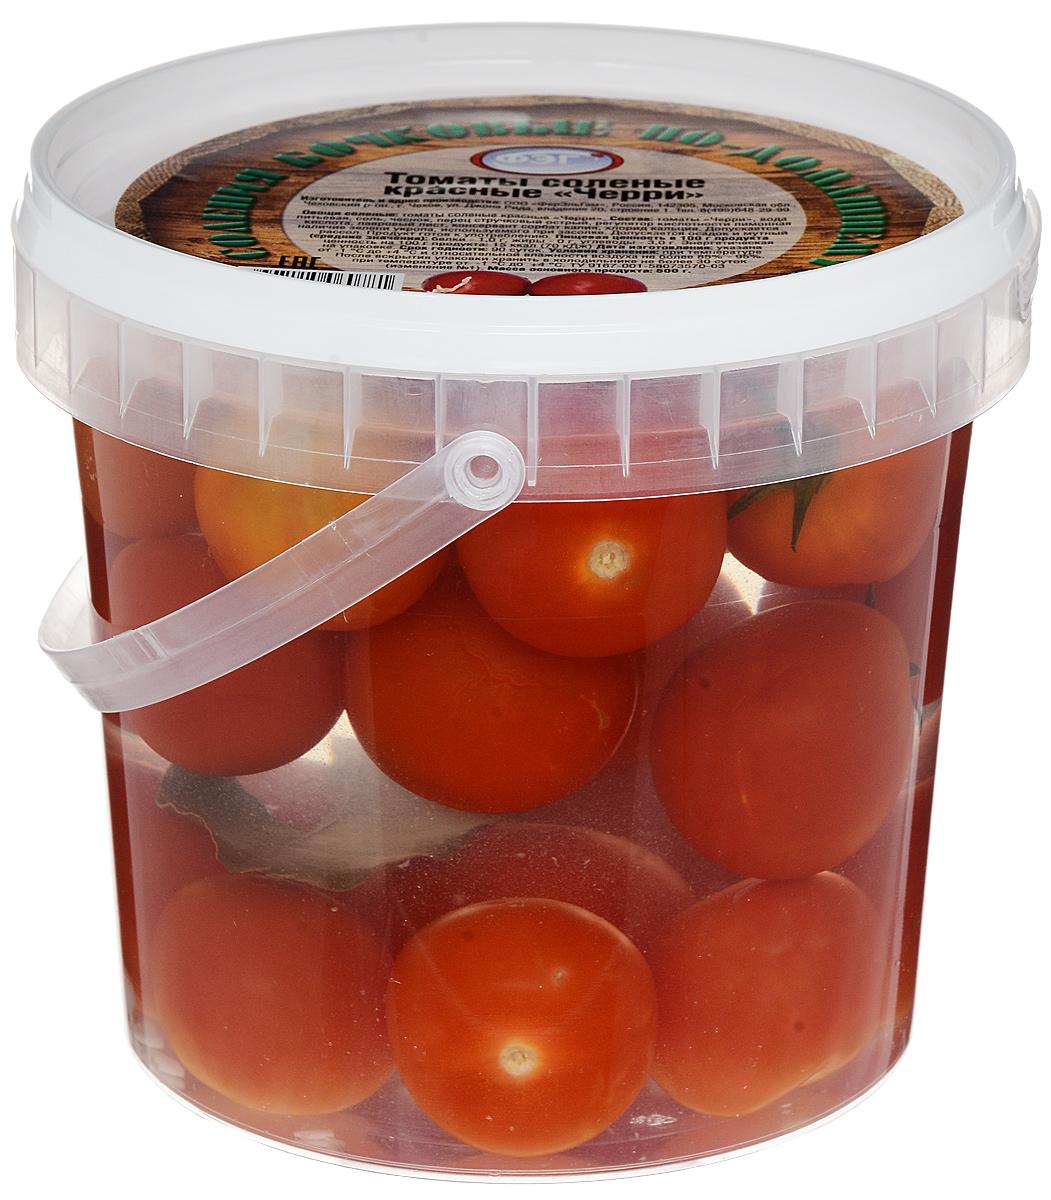 ФЭГ Помидоры красные Черри, соленые, 1000 г фэг помидоры красные черри соленые 1000 г